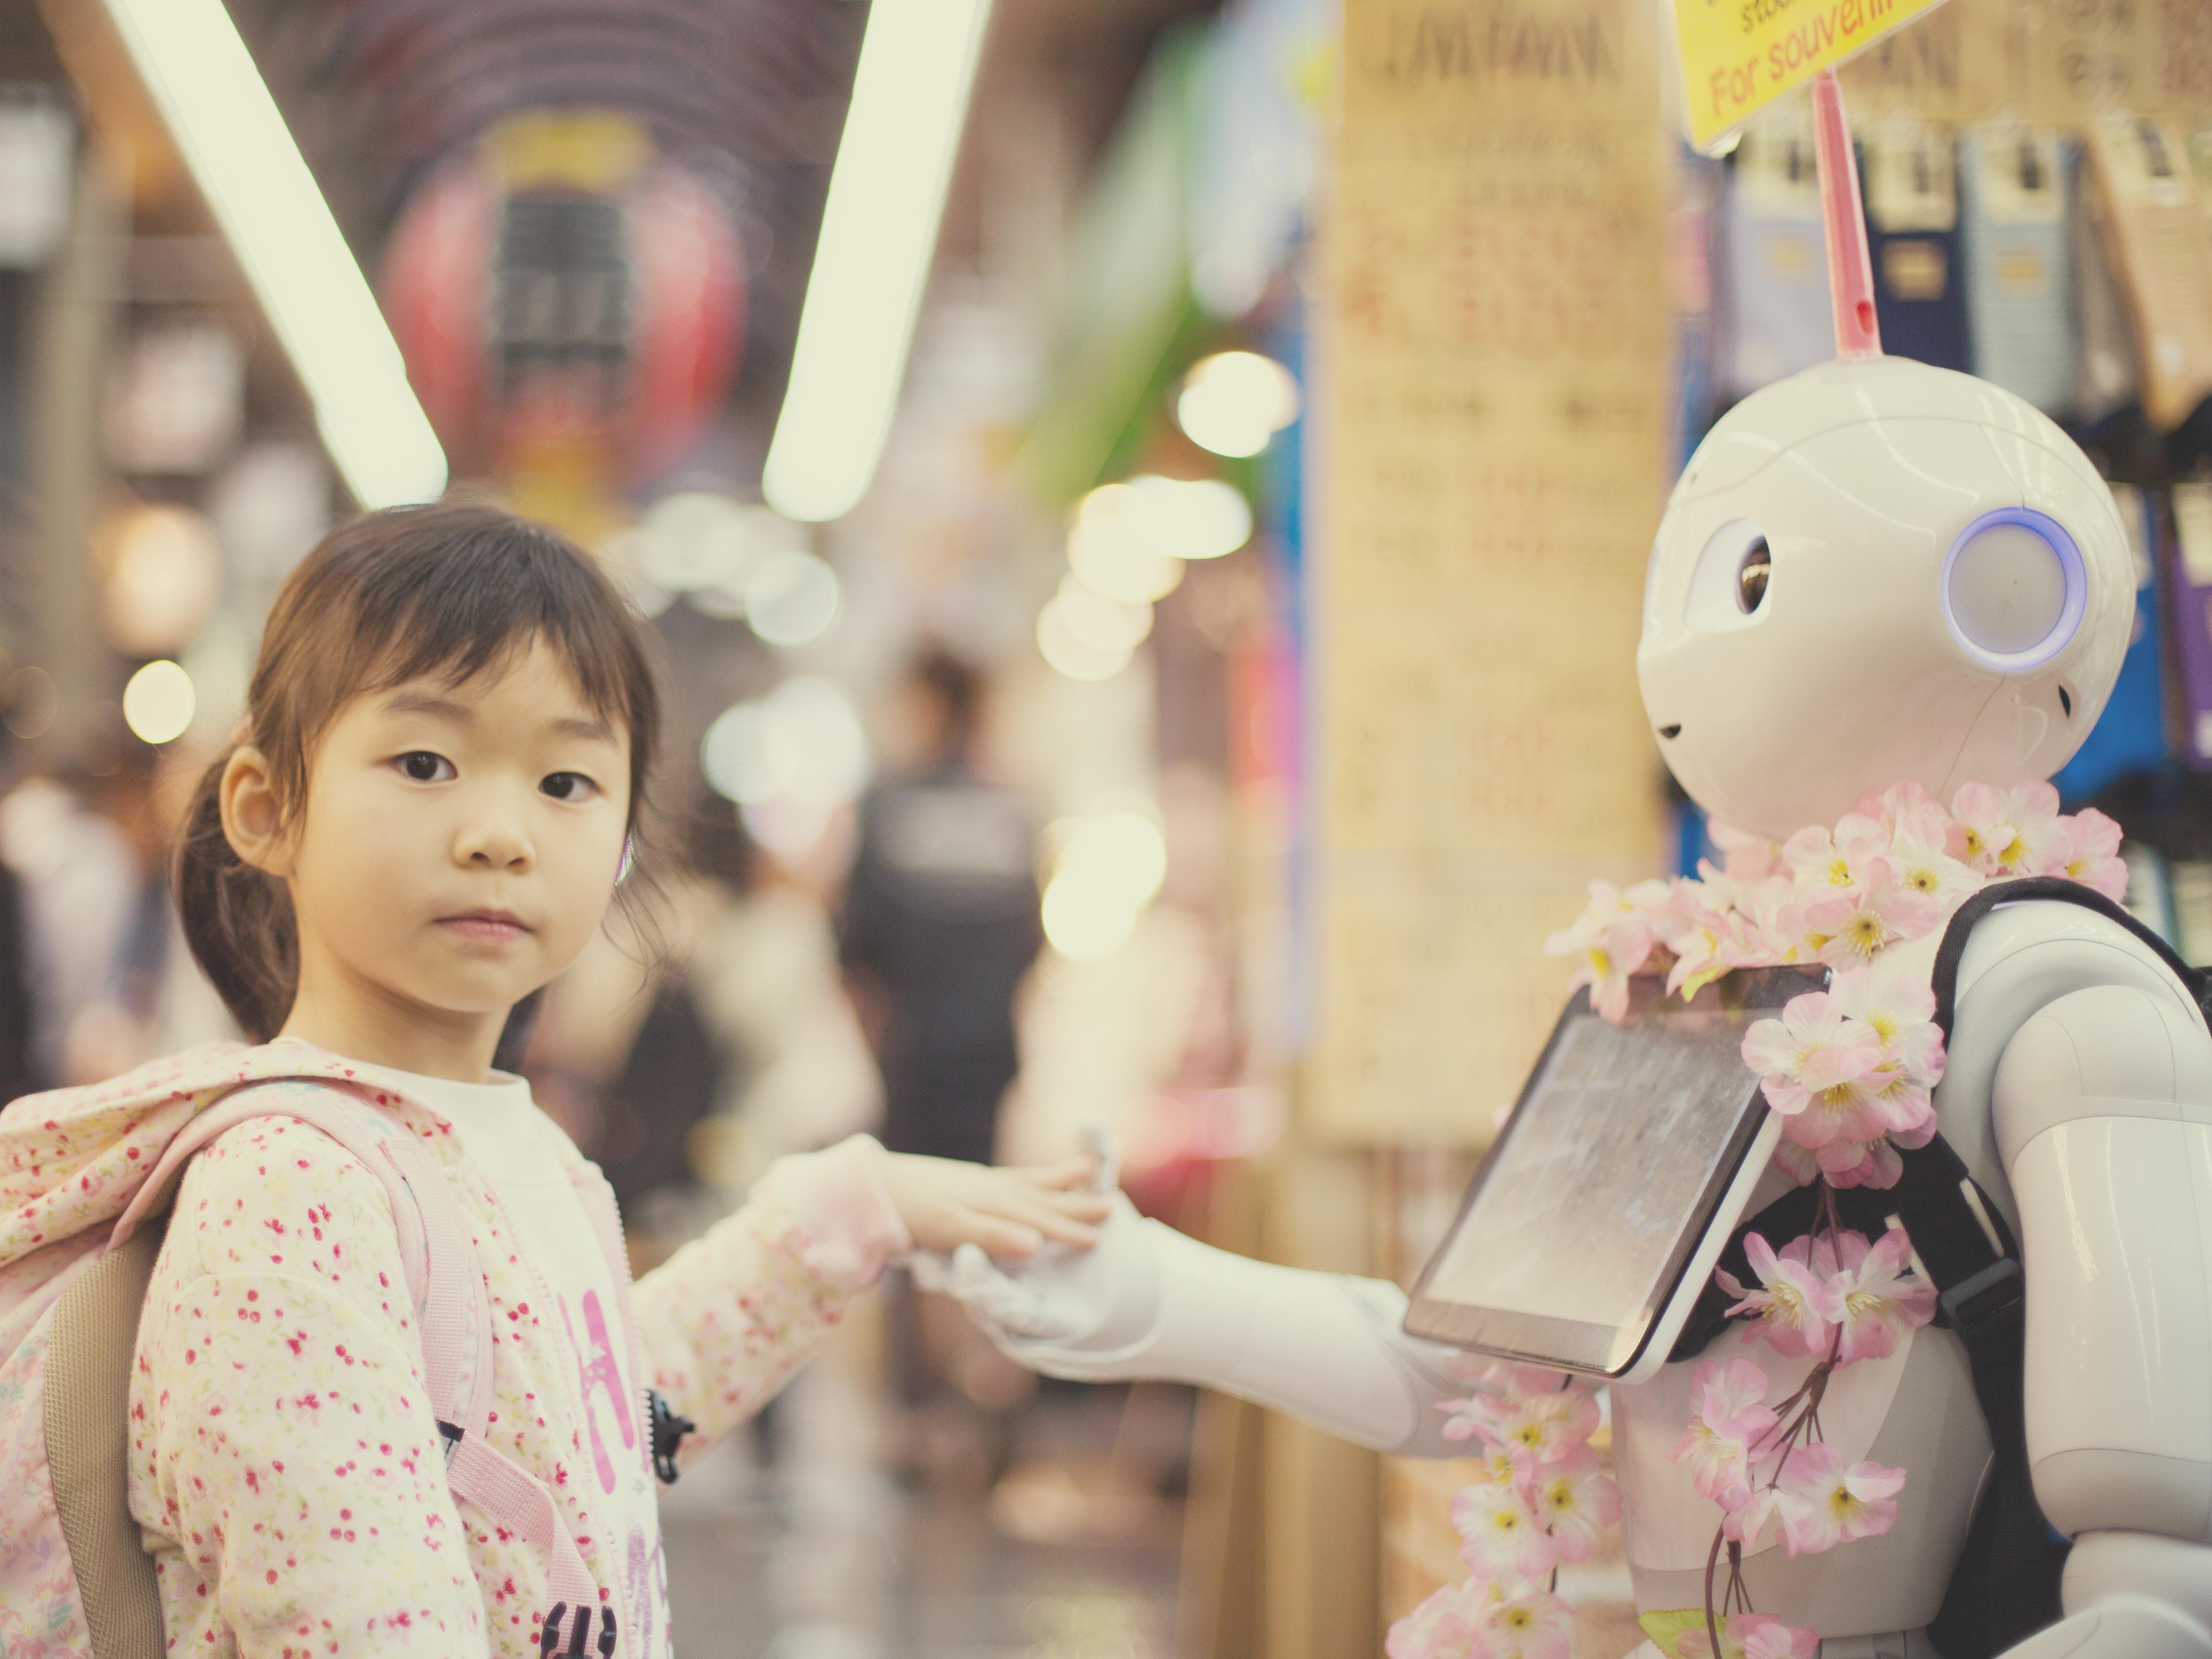 Meet A Robot